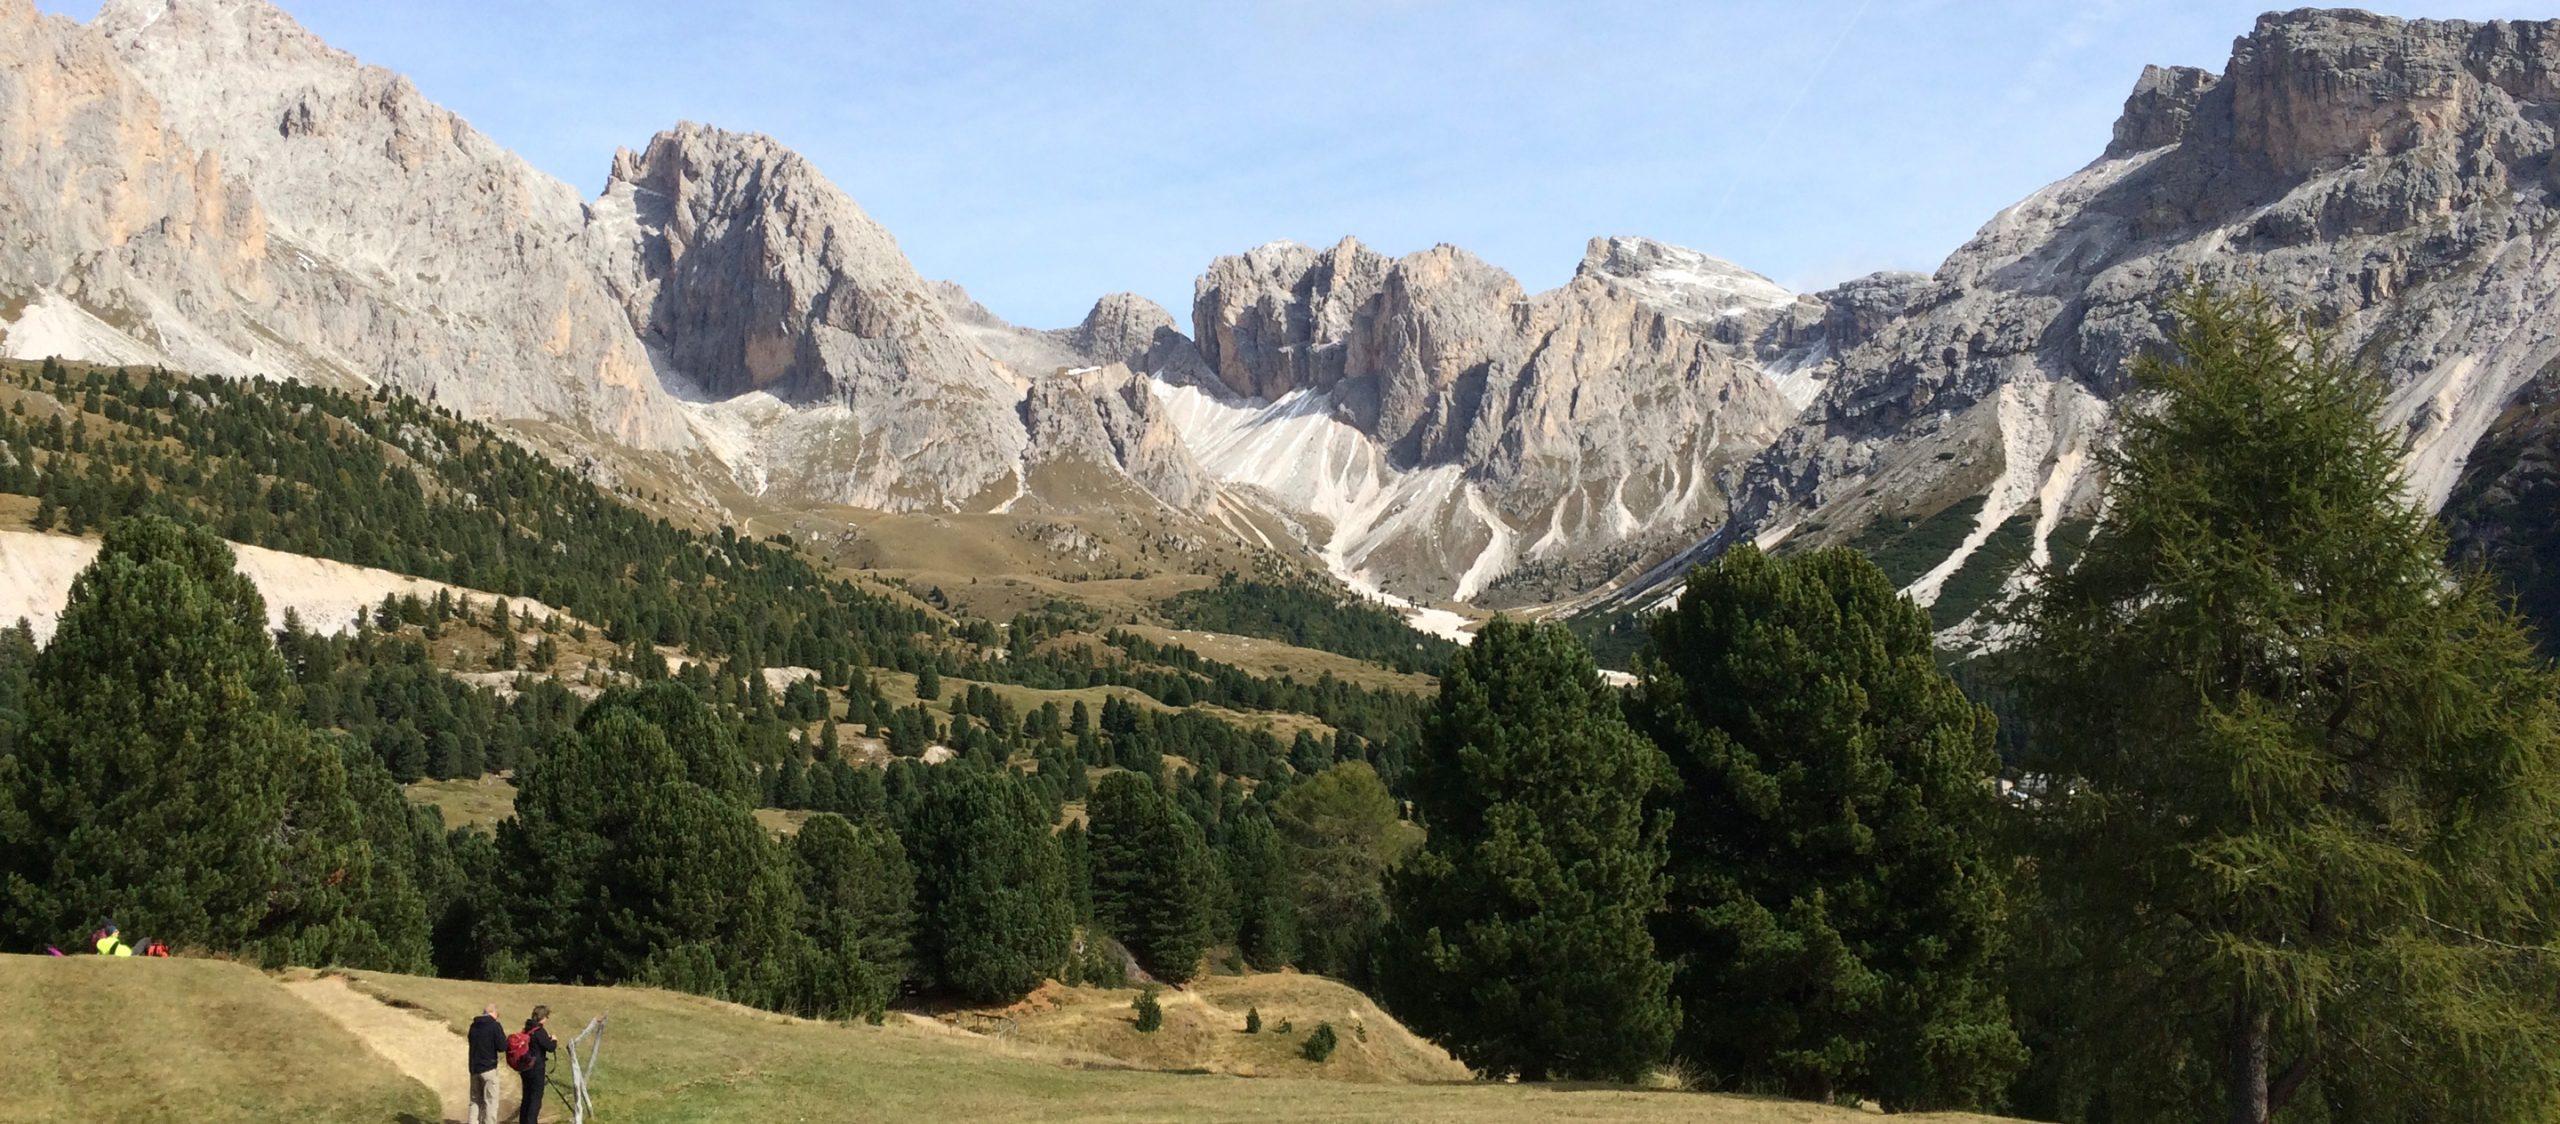 ให้ขุนเขาและป่าสนอิตาลีโอบกอดเราไว้ในหมู่บ้านสีพาสเทลแห่งโอติเซ